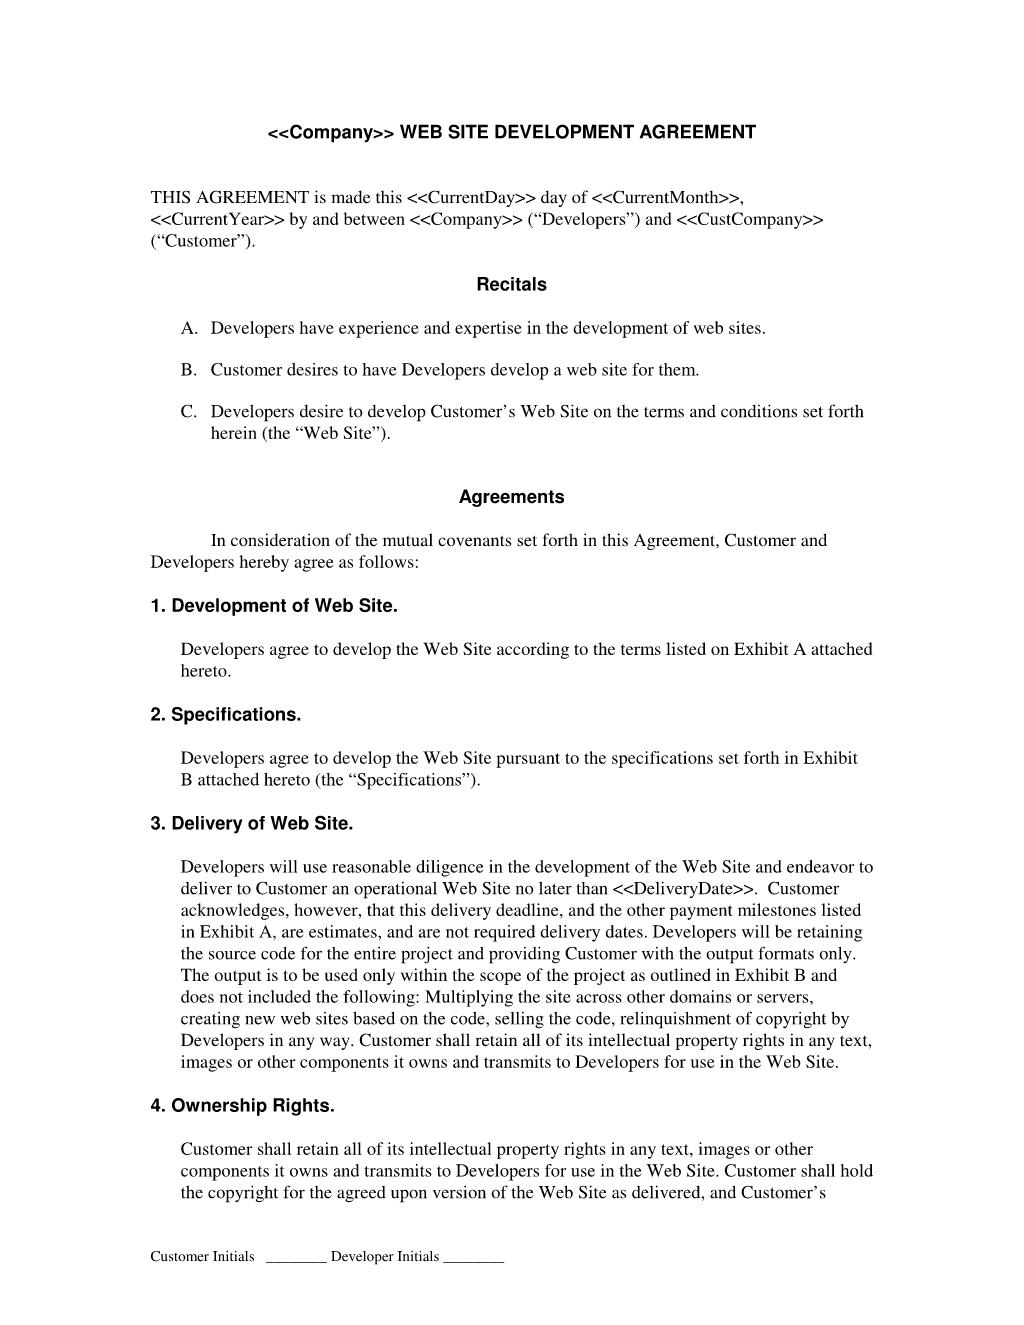 جزئیات اساسی تمپلیت قرارداد طراحی وب